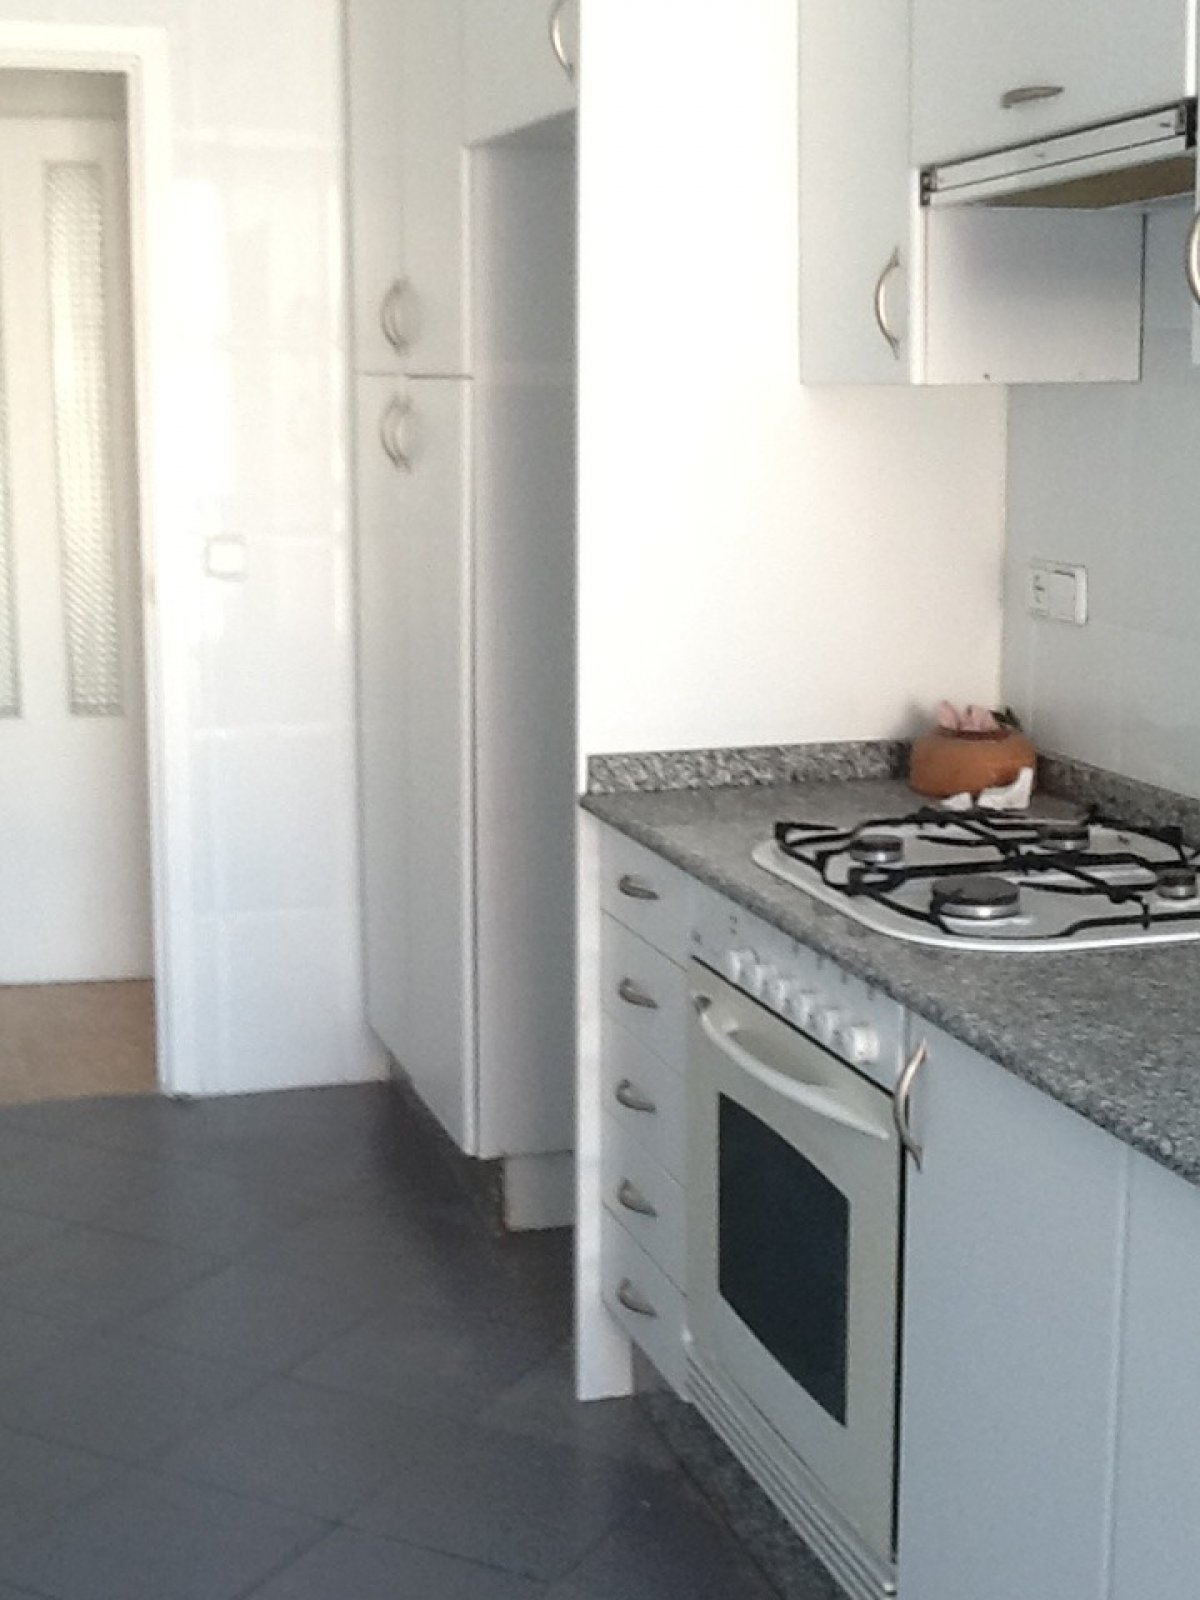 Alquiler de piso en valencia - imagenInmueble19